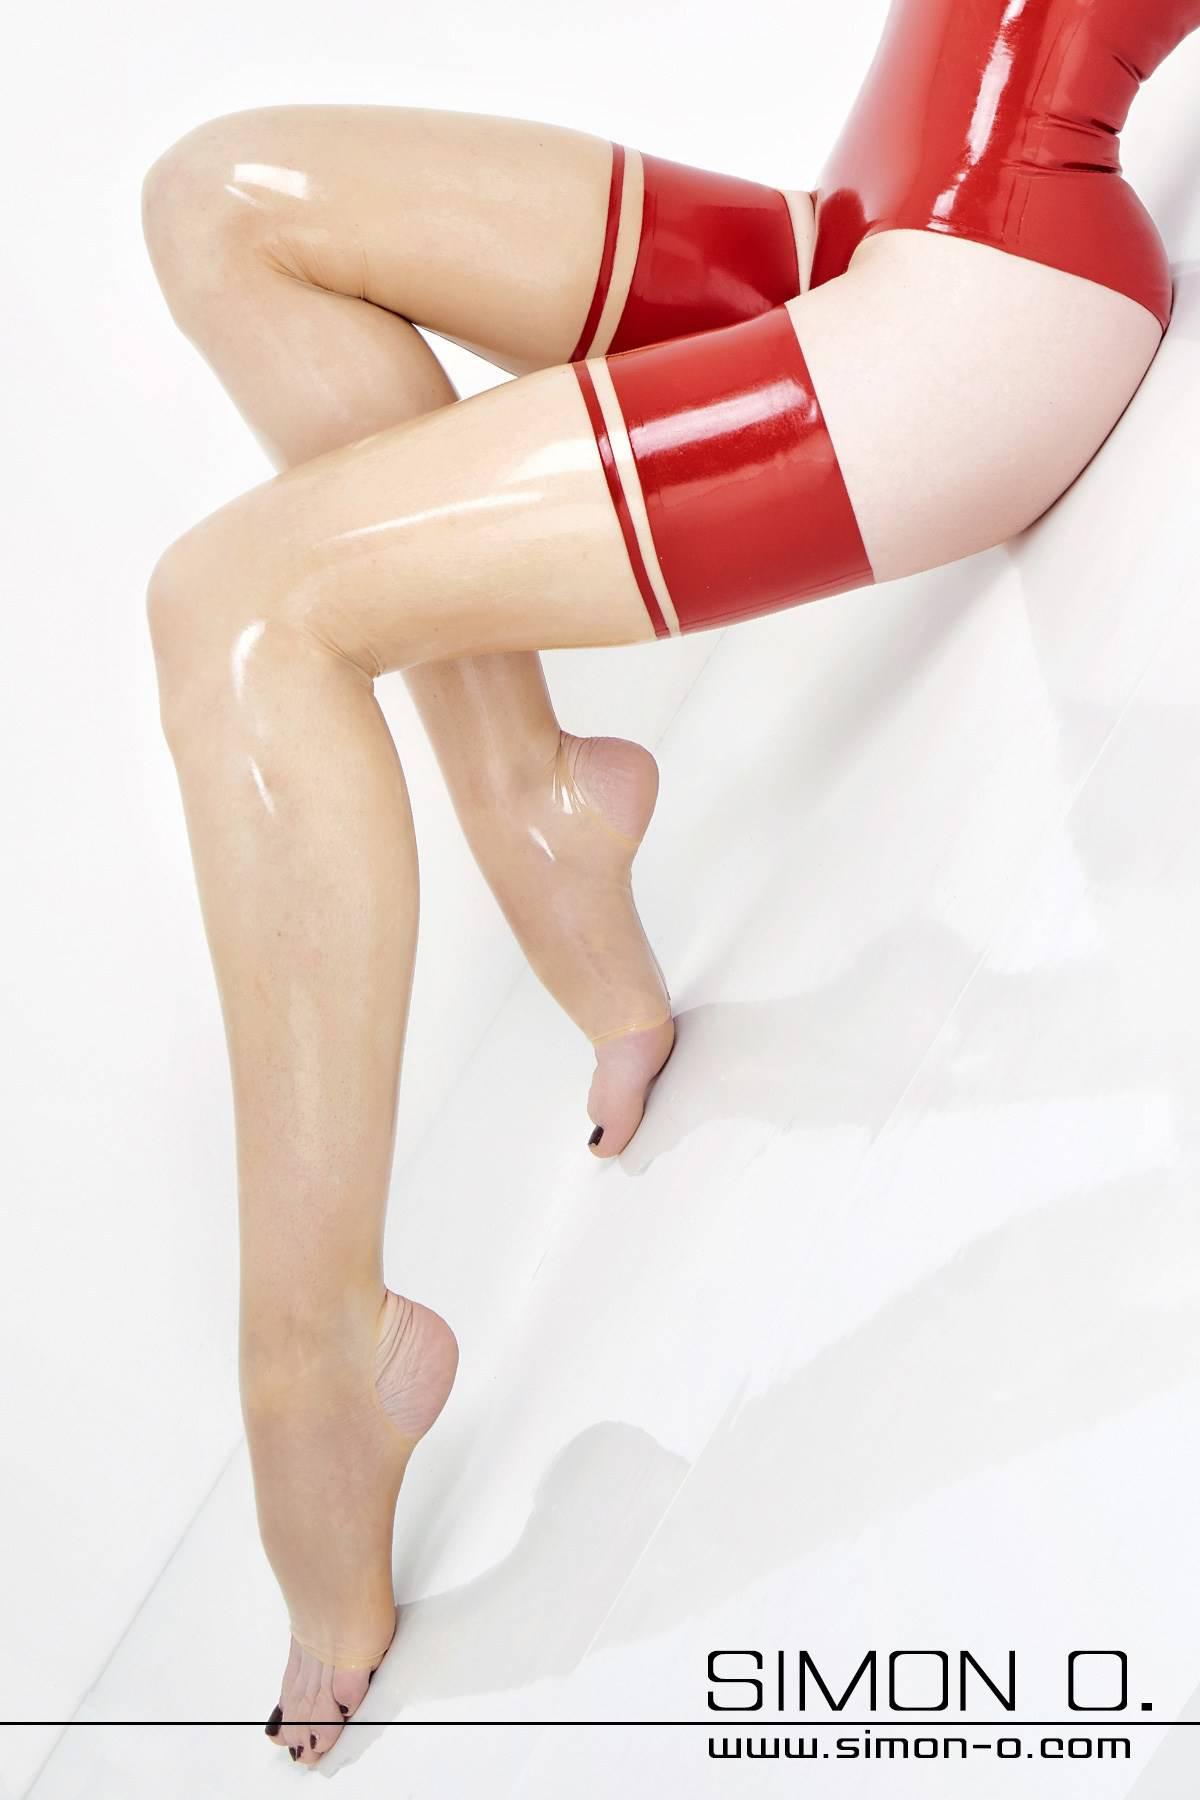 Zehenfreie Latex Strümpfe mit Steg Für viele Damen aber auch Herren ist der Fußteil bei den Latex Strümpfen nicht immer erwünscht. So ist bei sehr langen …